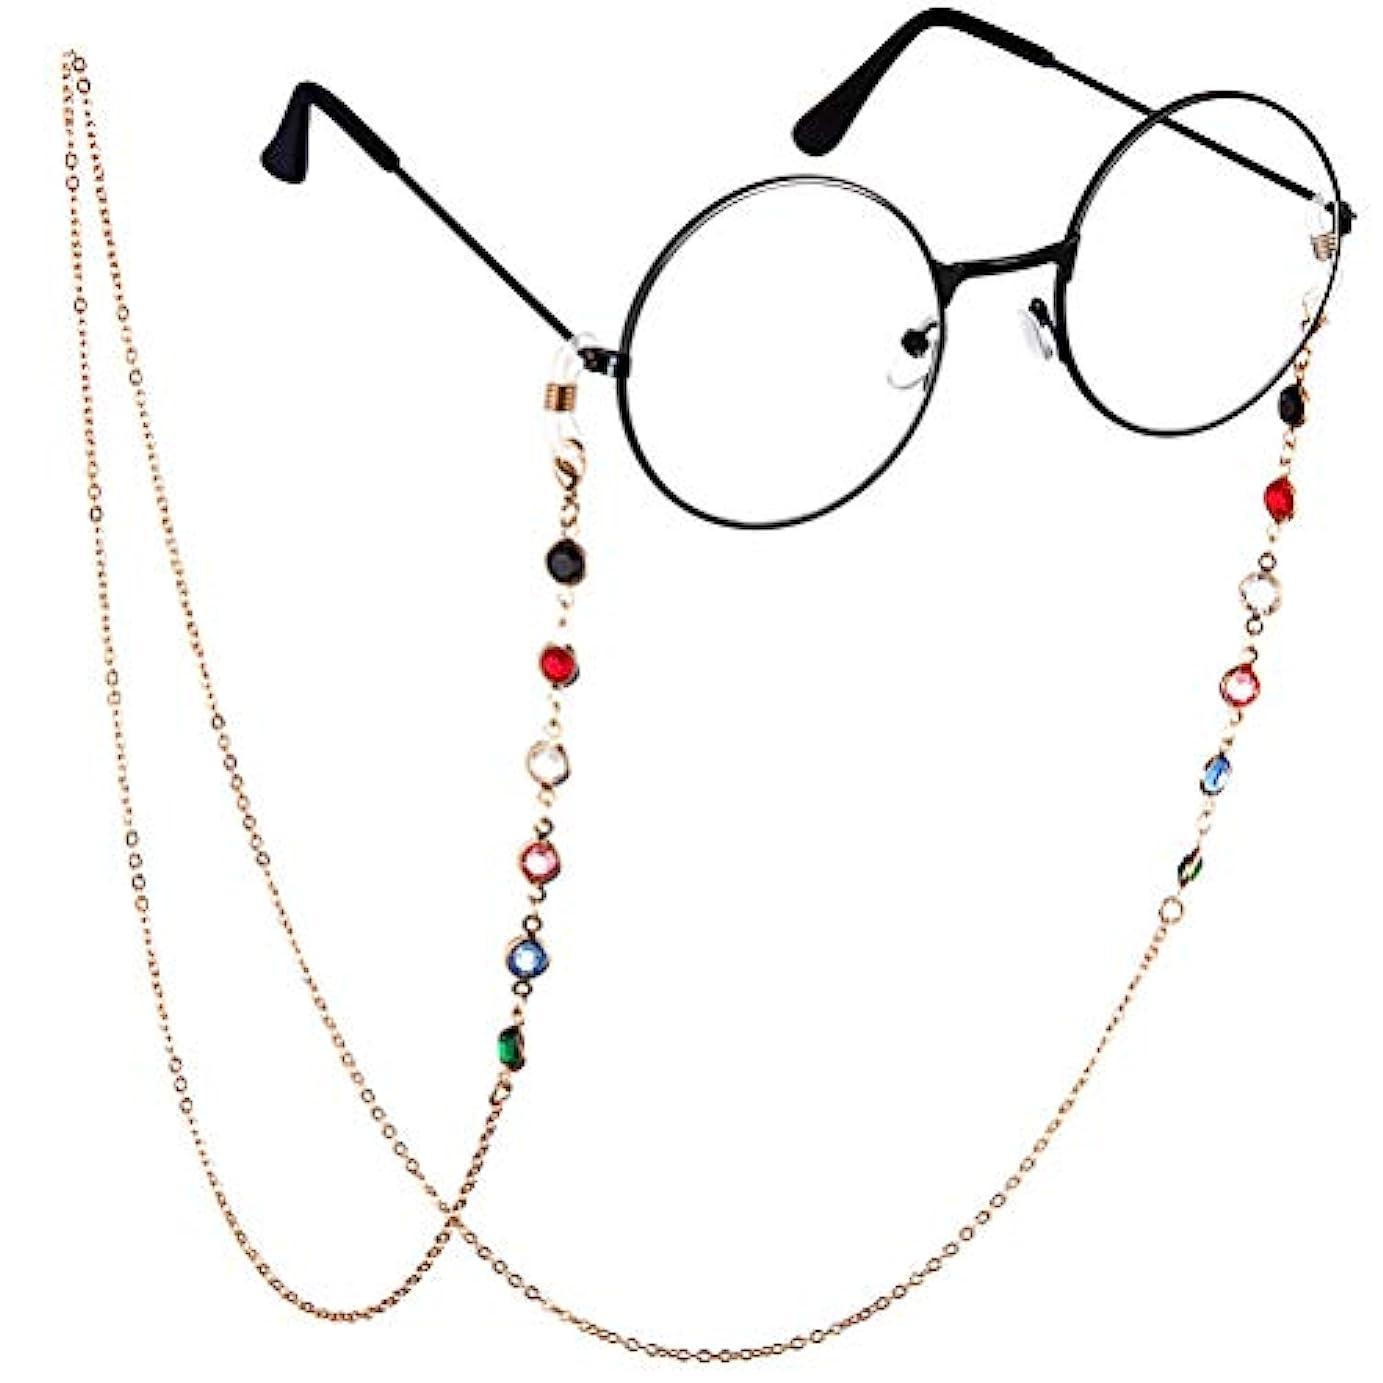 構築する皮肉閲覧するBTSMAT ファッションジェムメガネチェーンメガネ老眼鏡メガネメガネホルダーストラップストラップ